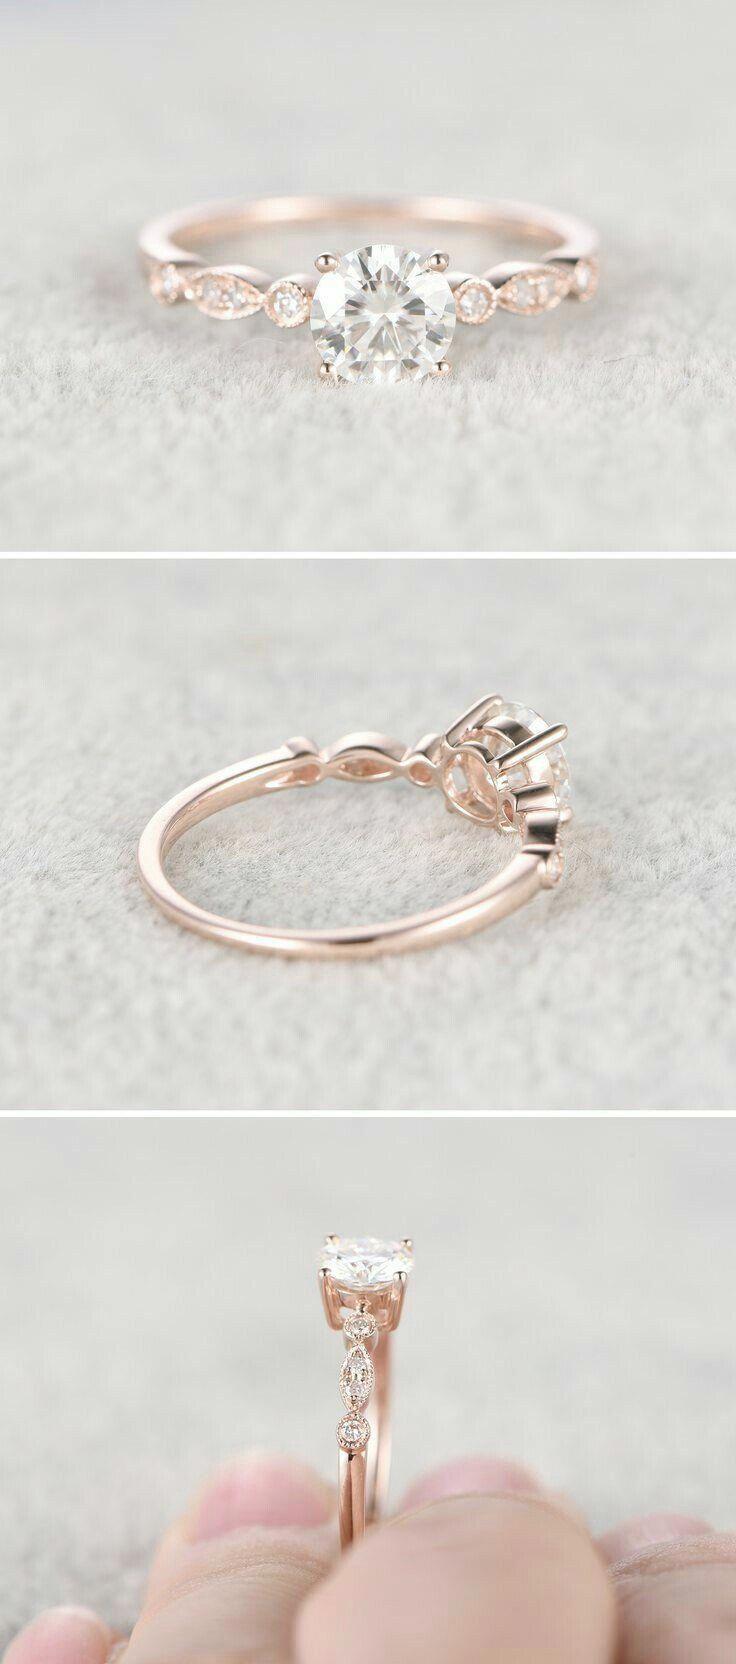 Fantástico -> Los mejores anillos de compromiso vintage Etsy #super #rosegoldengagementrings